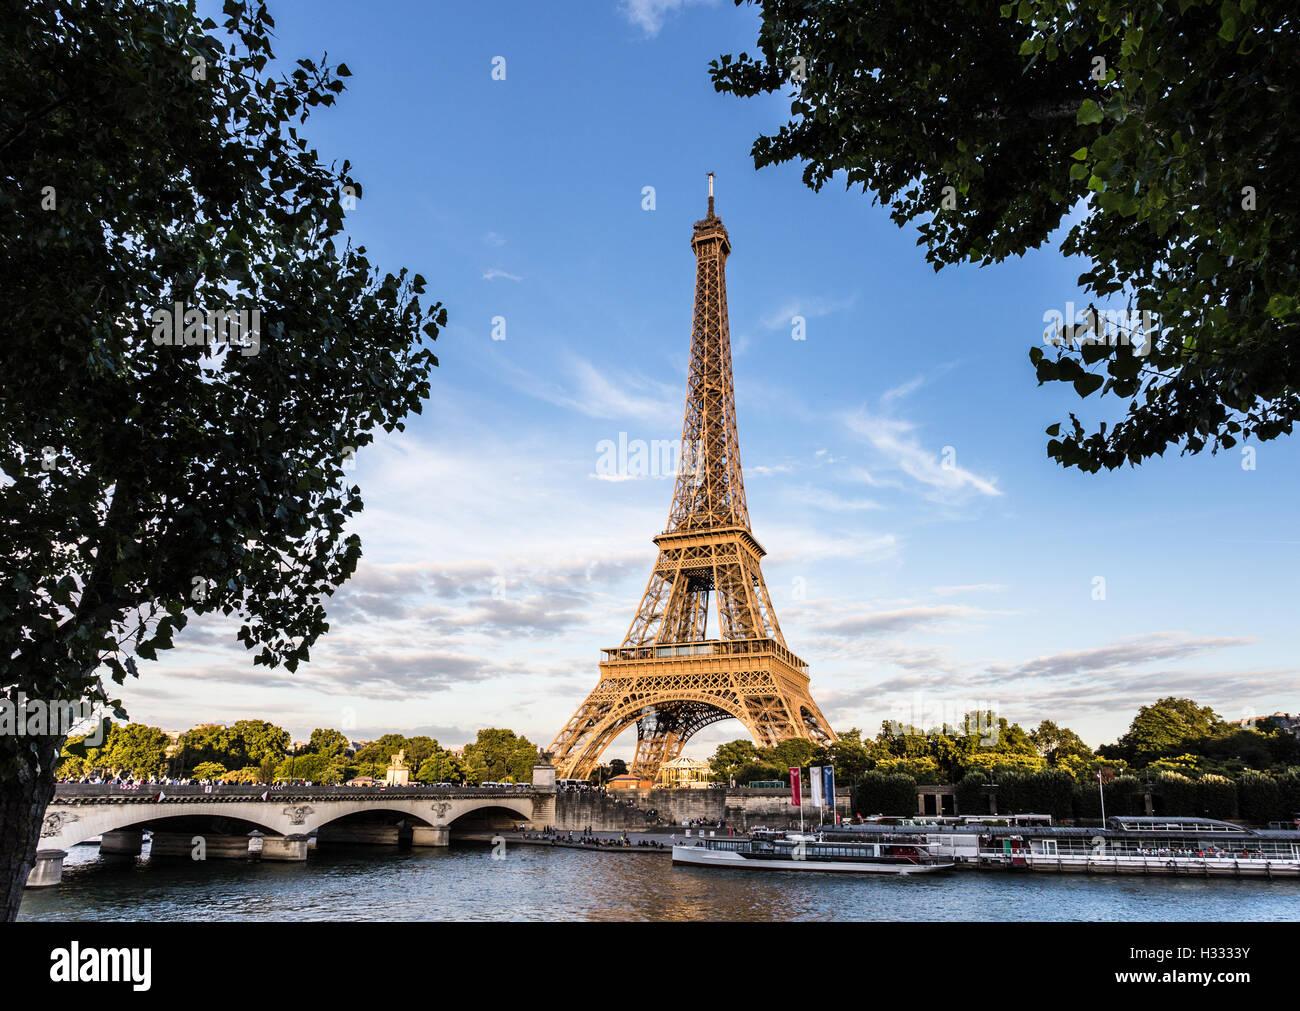 Coucher de soleil sur la Tour Eiffel le long de la Seine à Paris, capitale de la France. Photo Stock